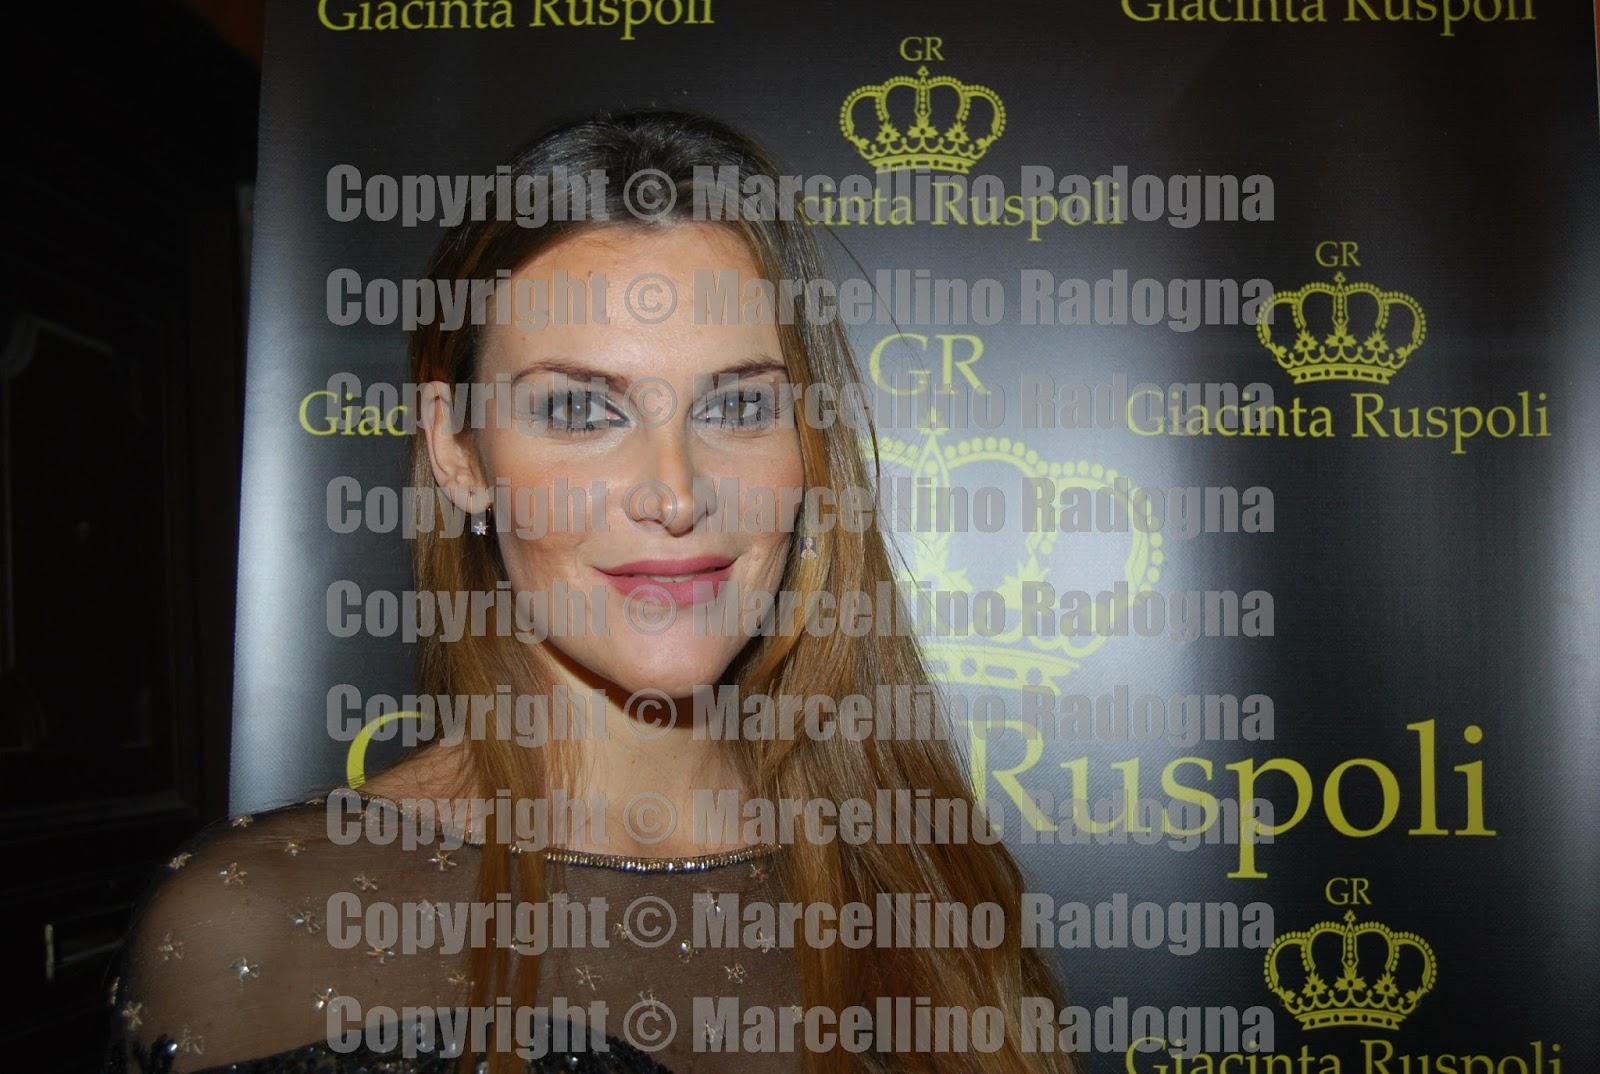 Marcellino radogna fotonotizie per la stampa olimpia for Principessa romana